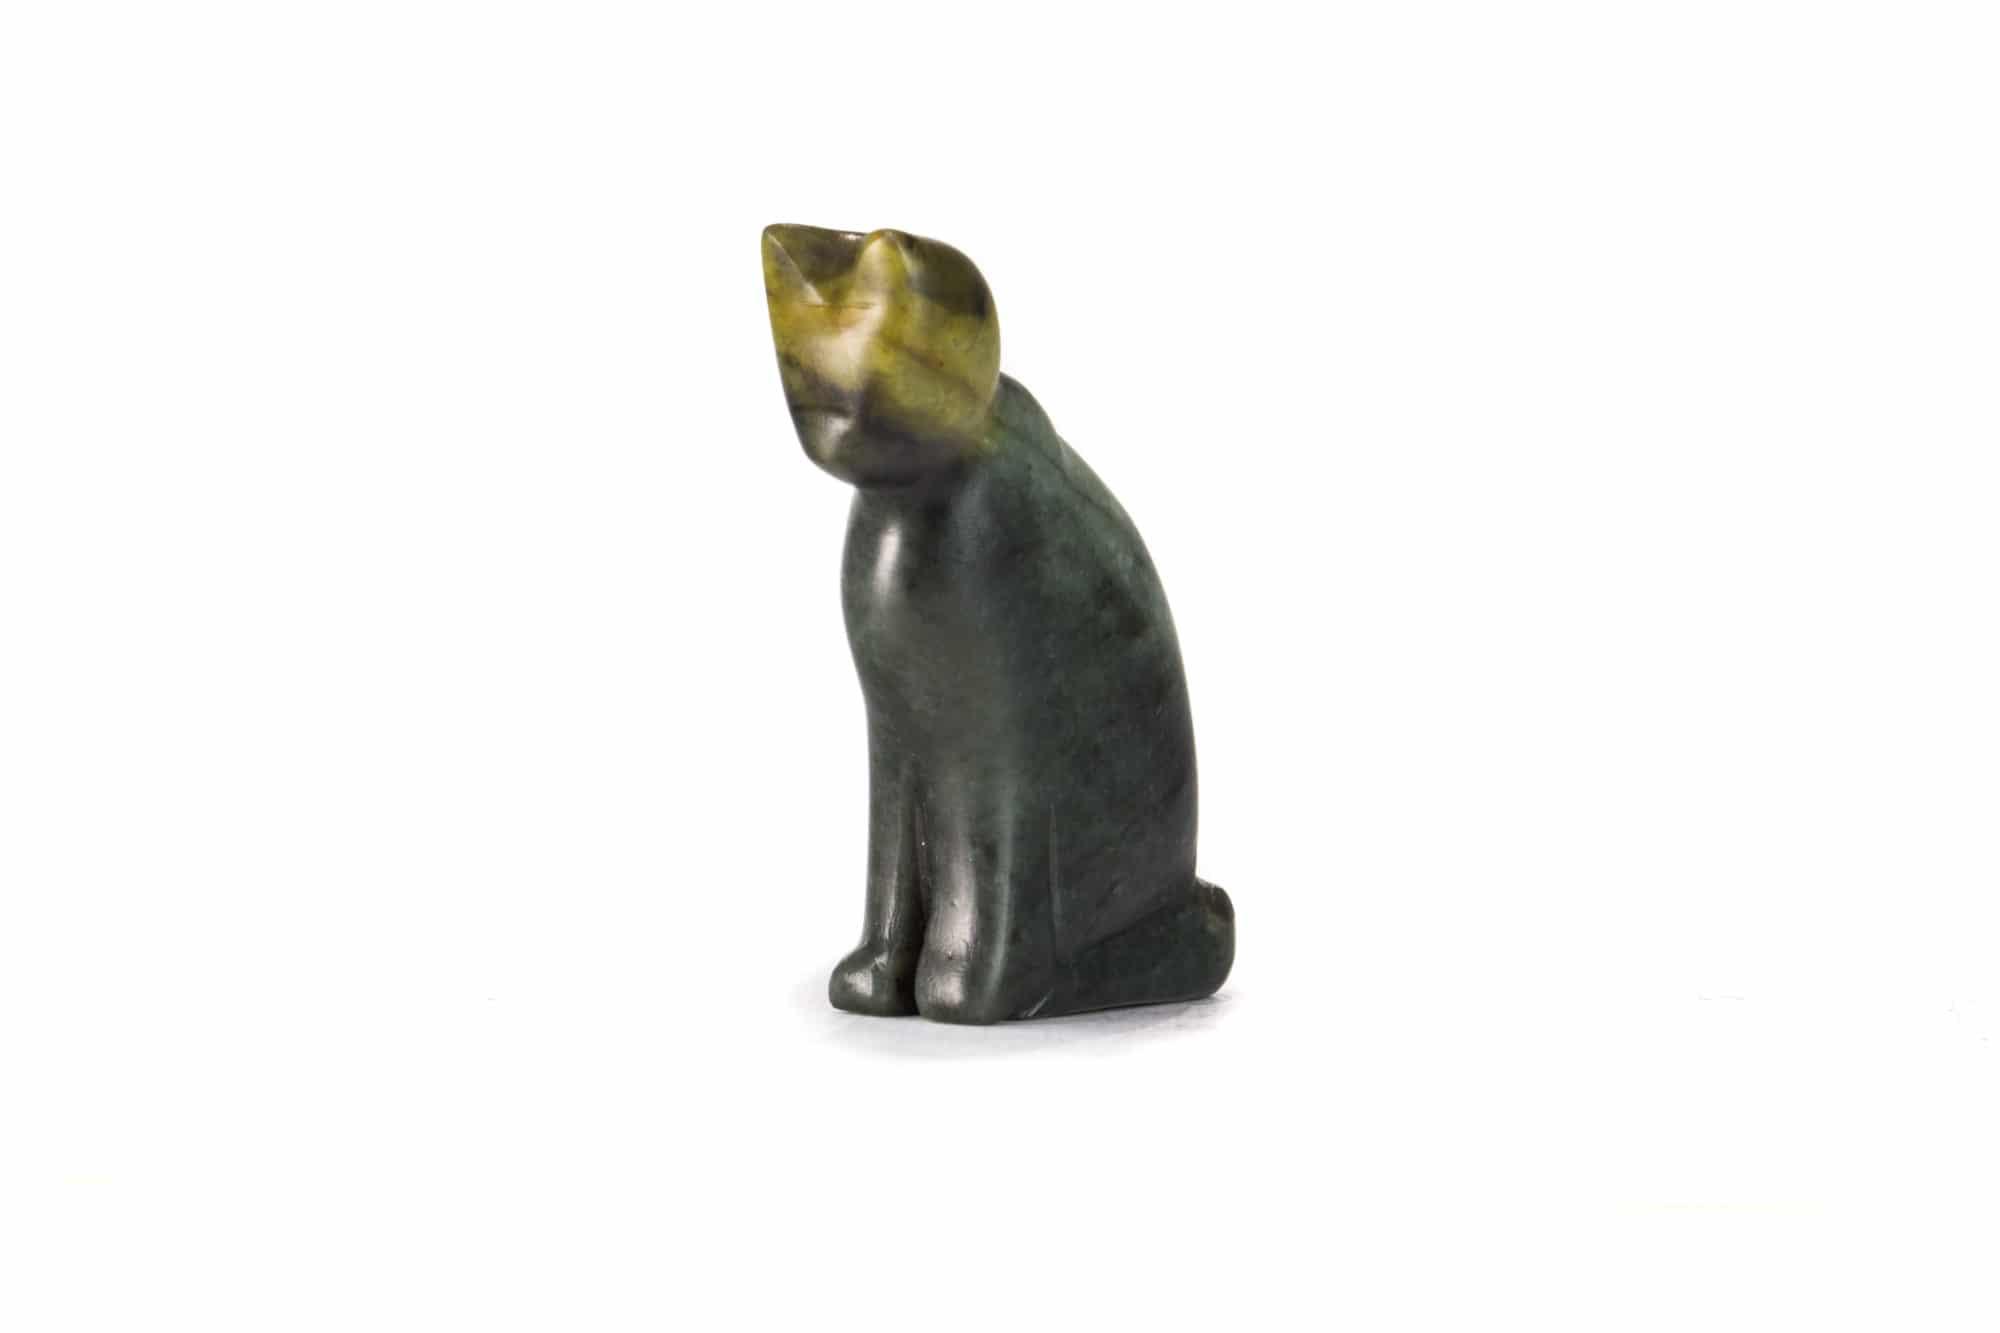 Un chat sculpté sur de la pierre à savon